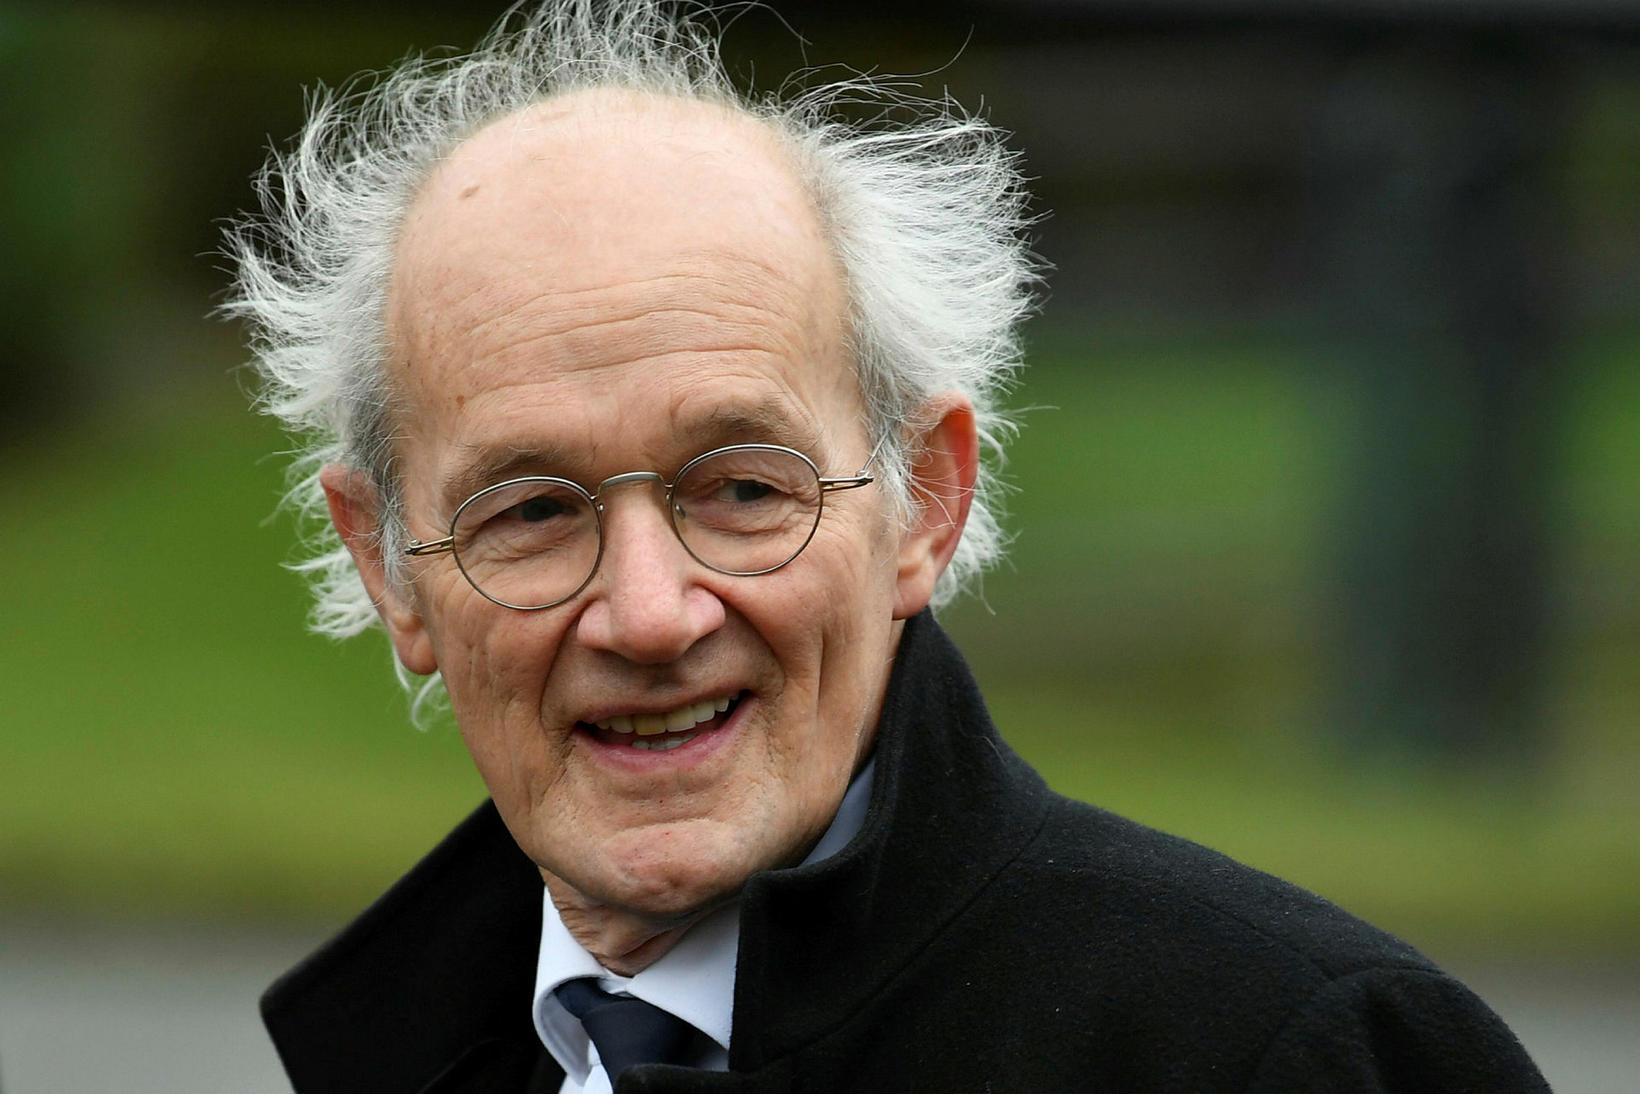 John Shipton, faðir Assange, fylgdist með málflutningnum af áhorfendapöllum.